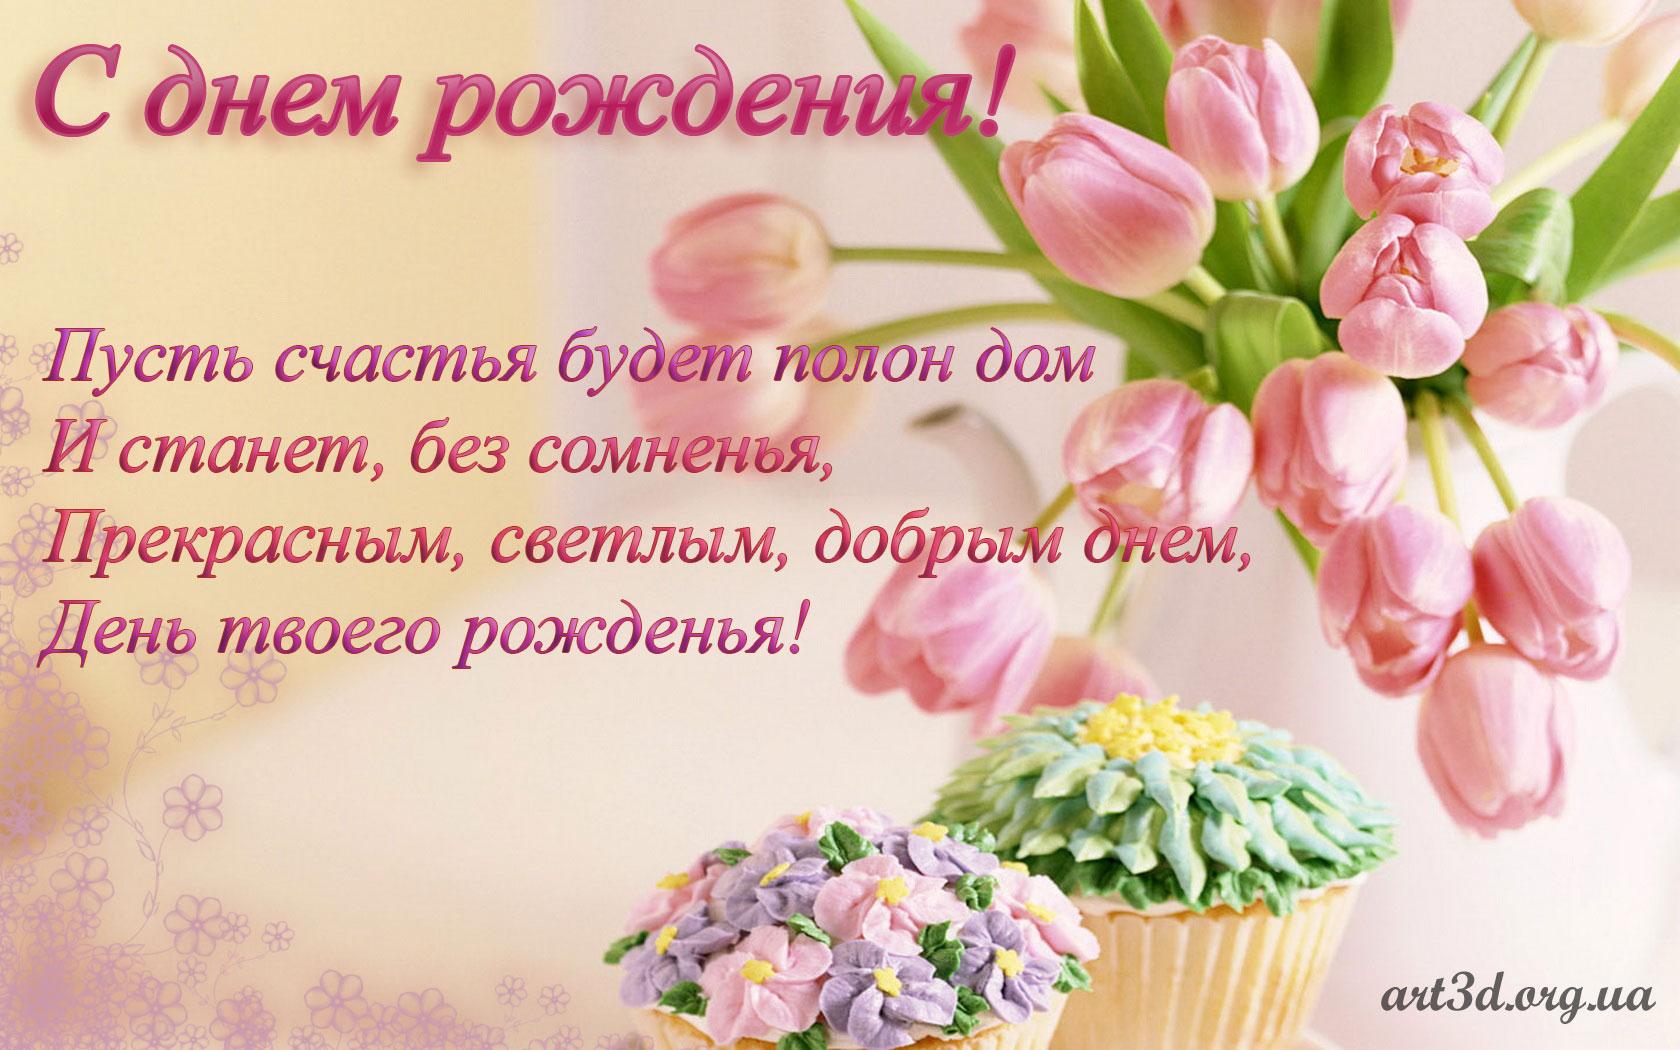 Поздравляем с Днем Рождения Ларису Борисовну! Index